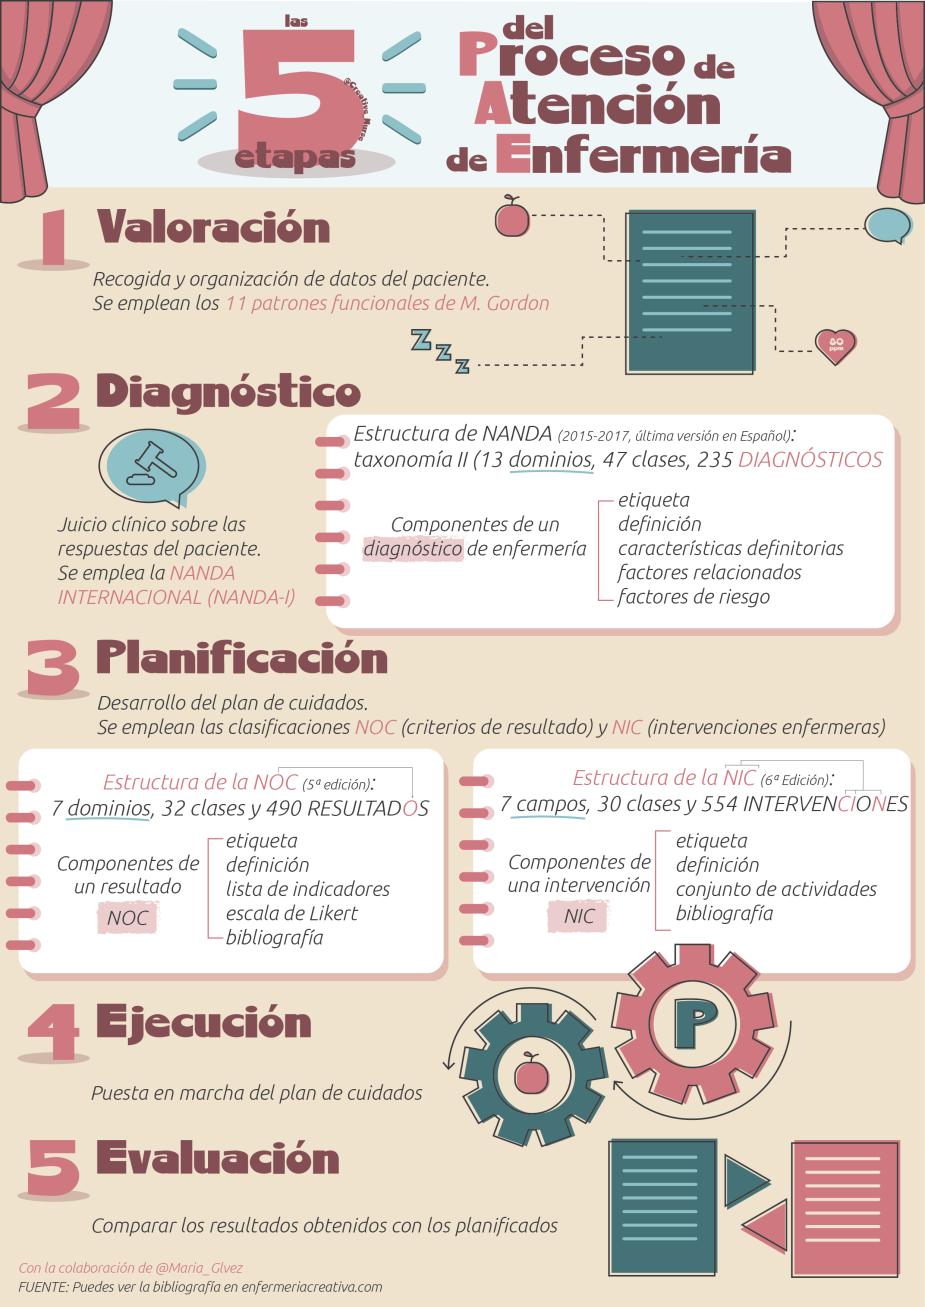 5 etapas del proceso de atencion de enfermeria